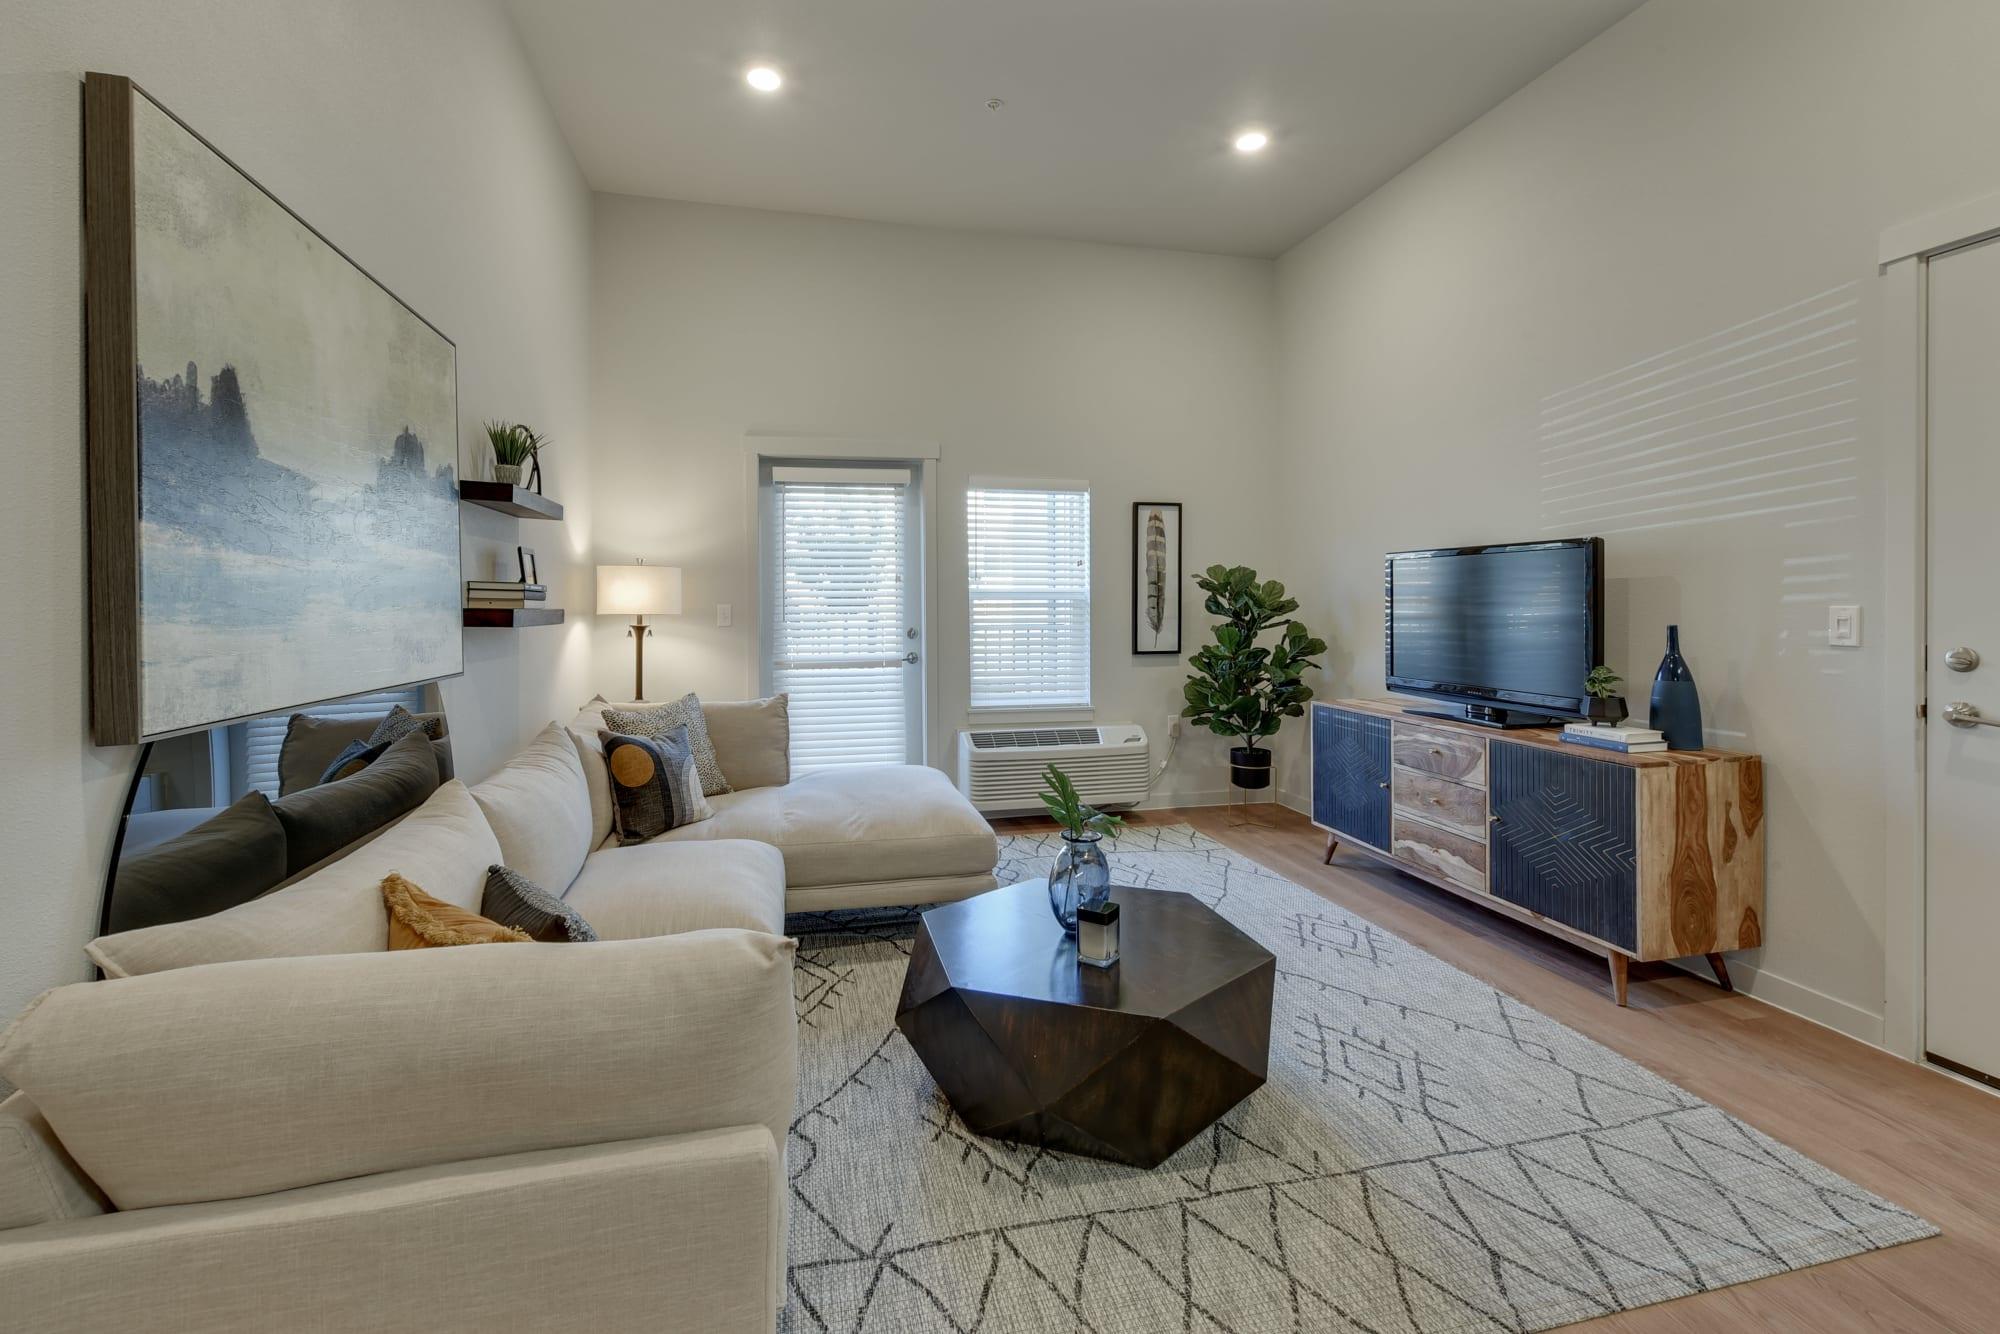 A furnished living room at Kestrel Park in Vancouver, Washington